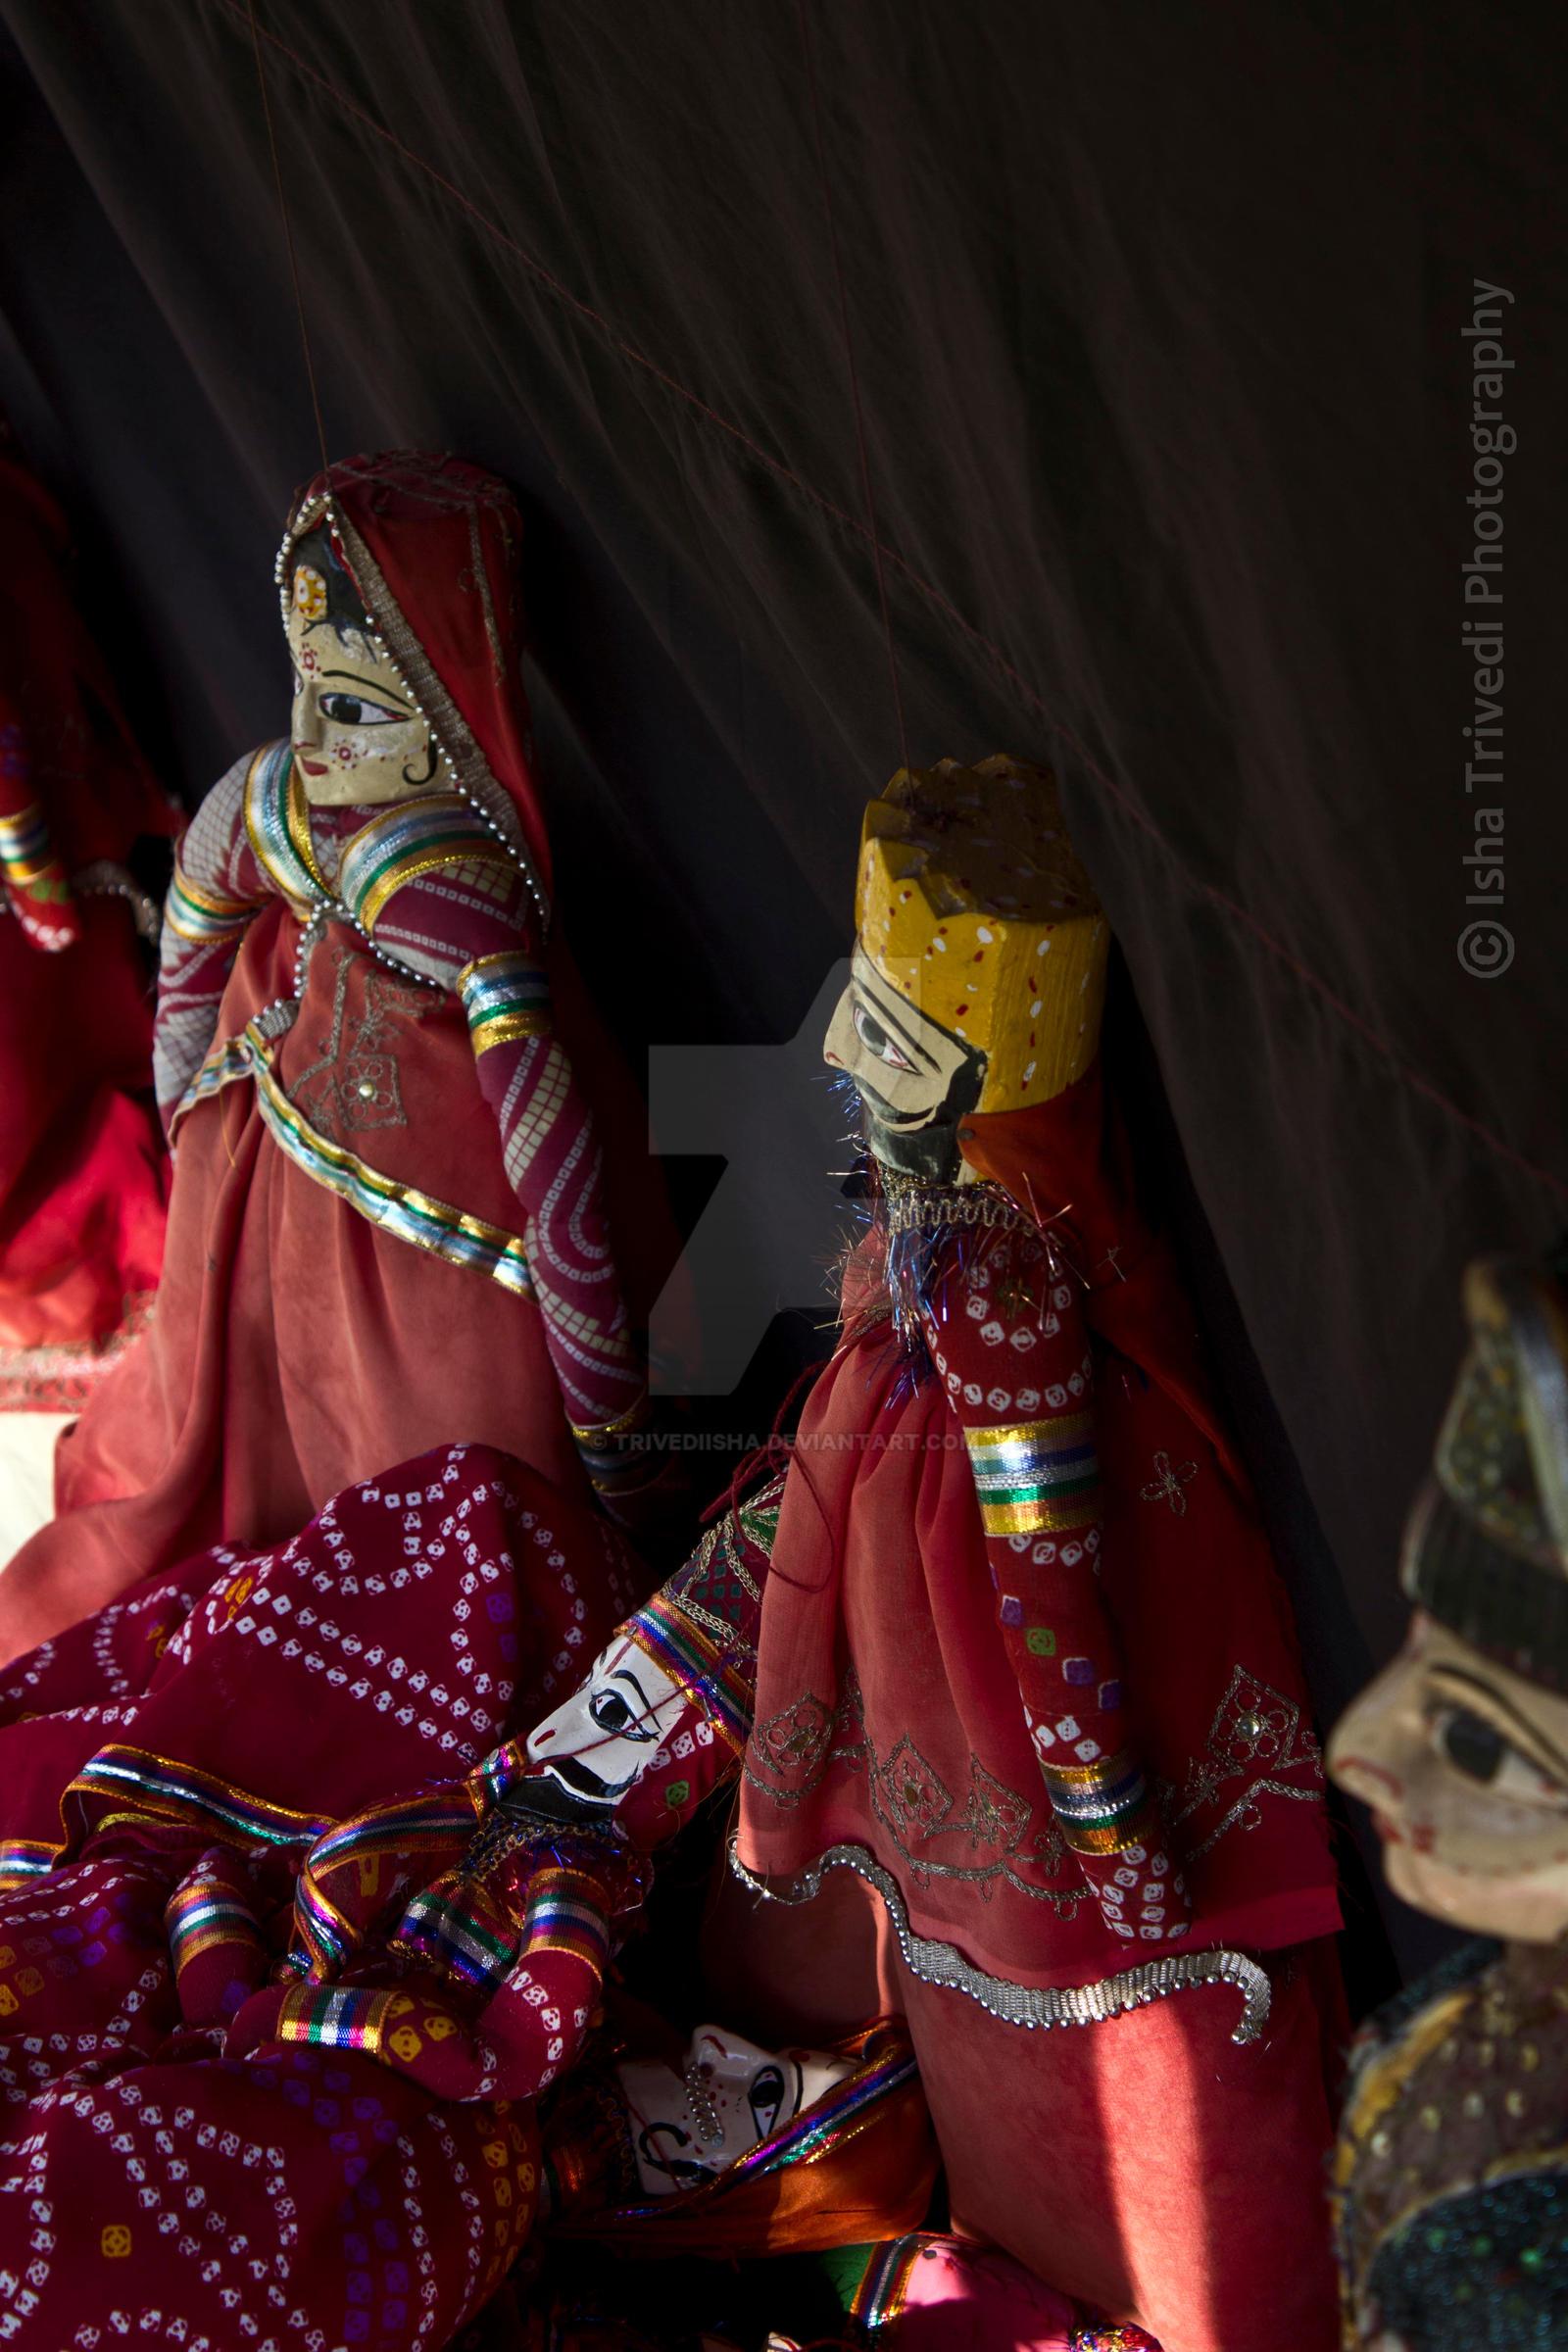 Puppets - clicked by Isha Trivedi by trivediisha